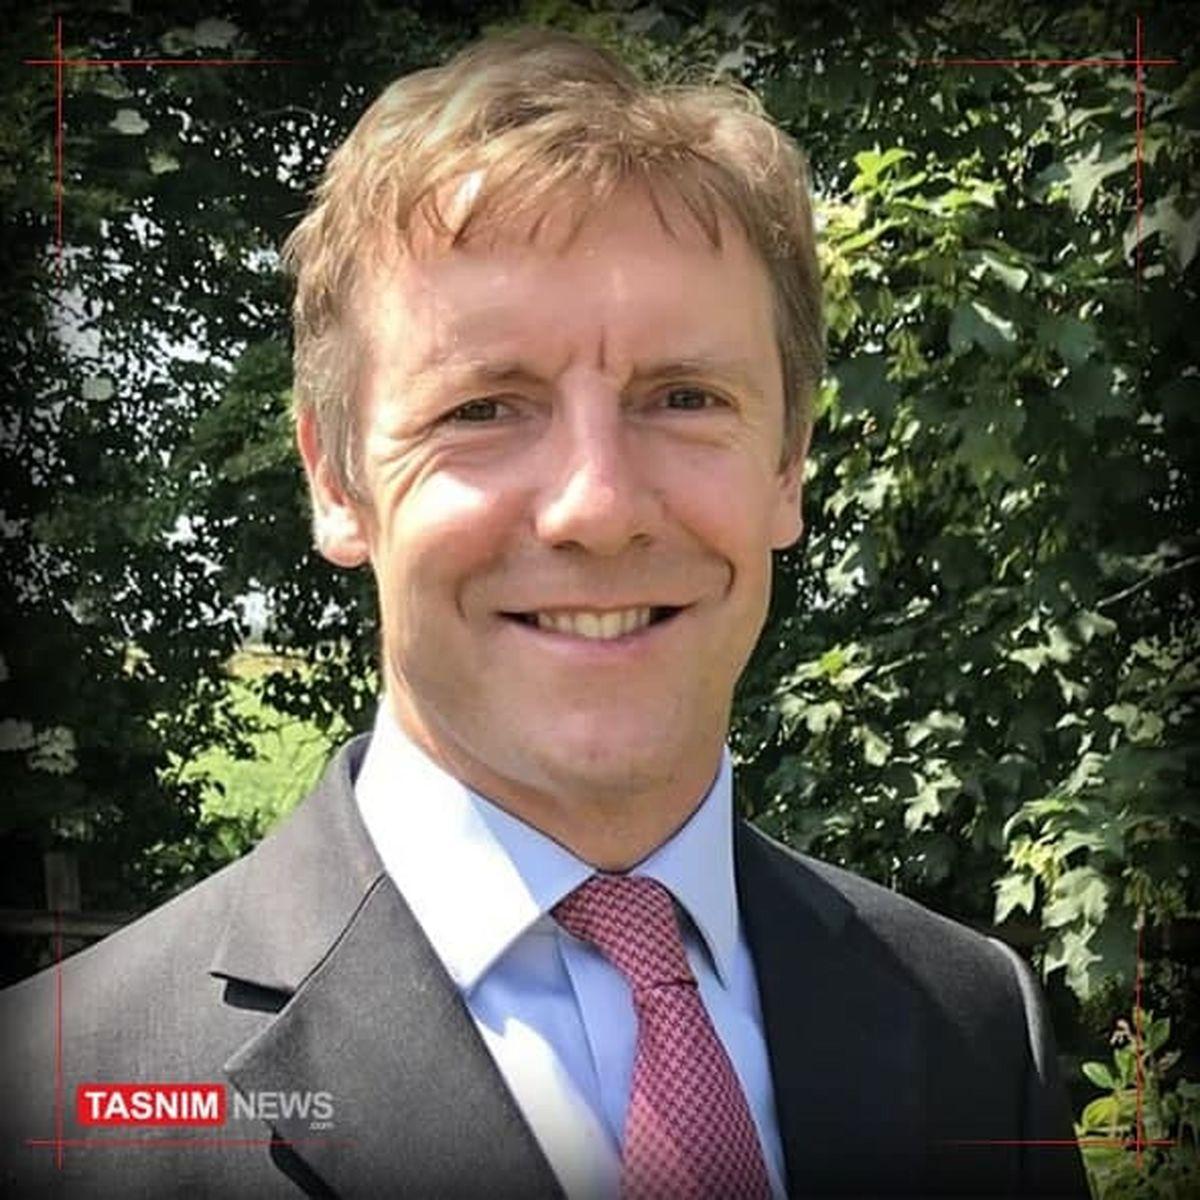 سفیر جدید انگلیس در تهران منصوب شد